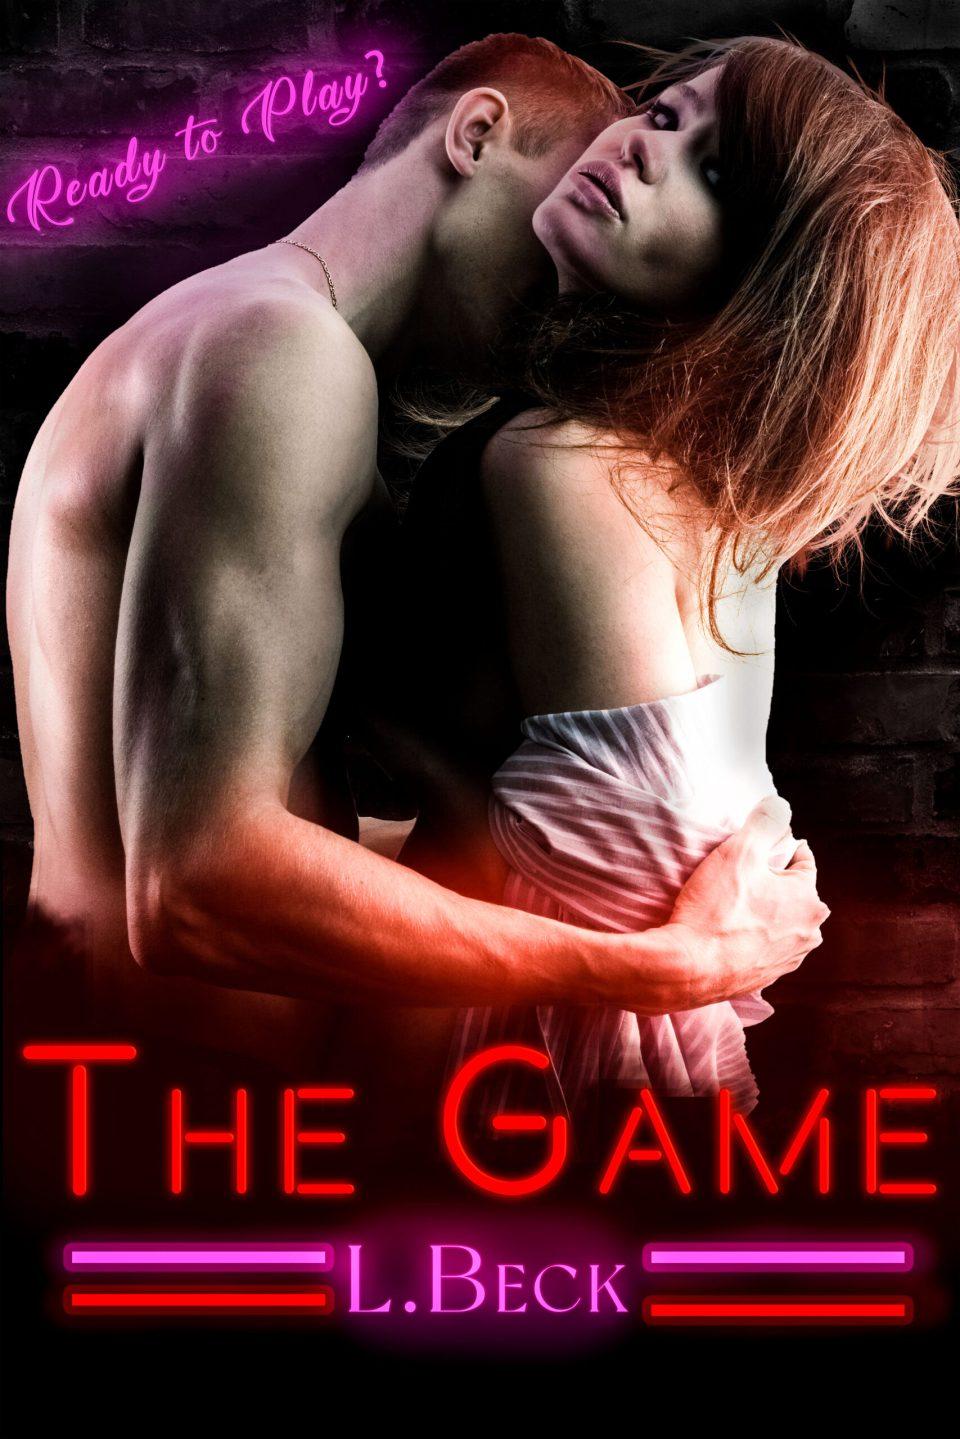 The game - Sei pronto a giocare? Book Cover